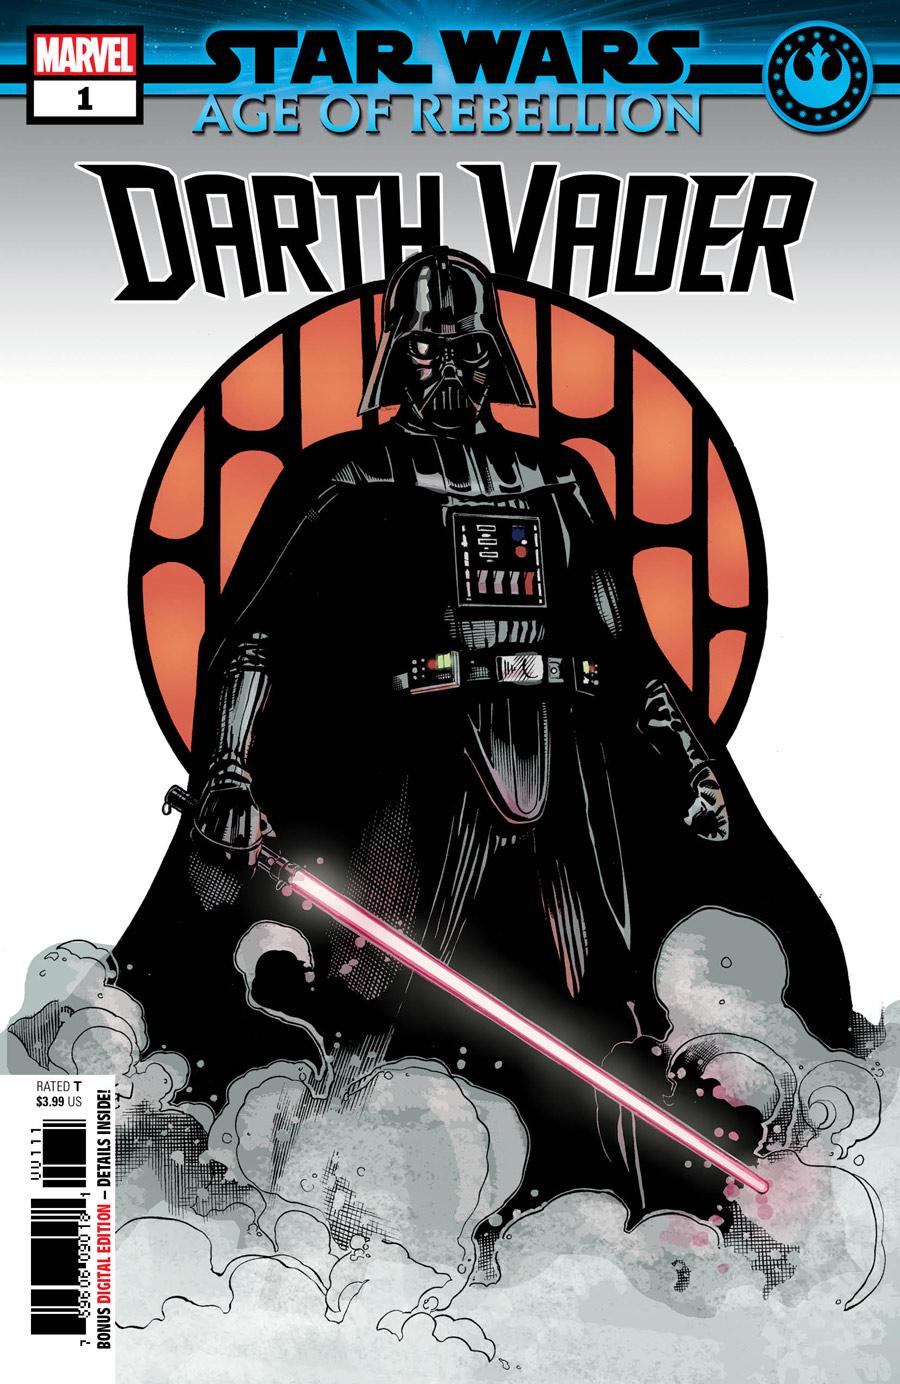 Star Wars: Age of Rebellion - Darth Vader #1, copertina di Terry Dodson